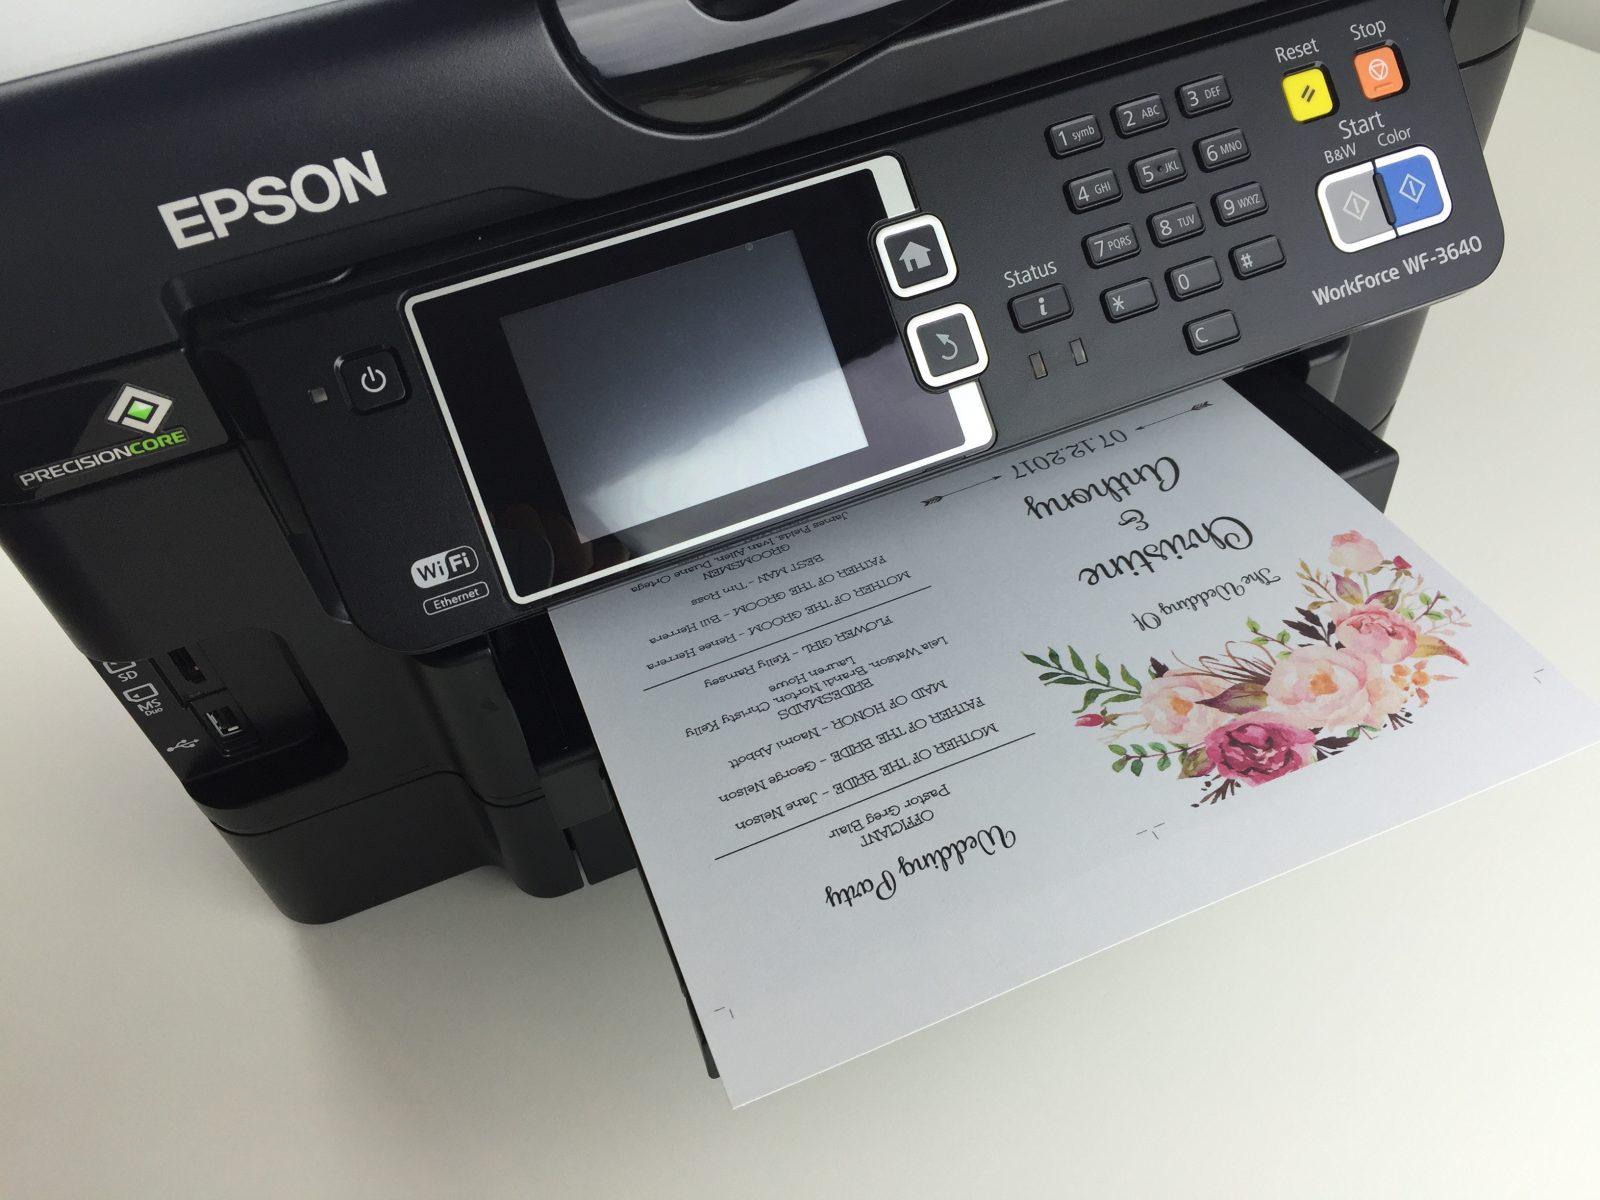 Print again